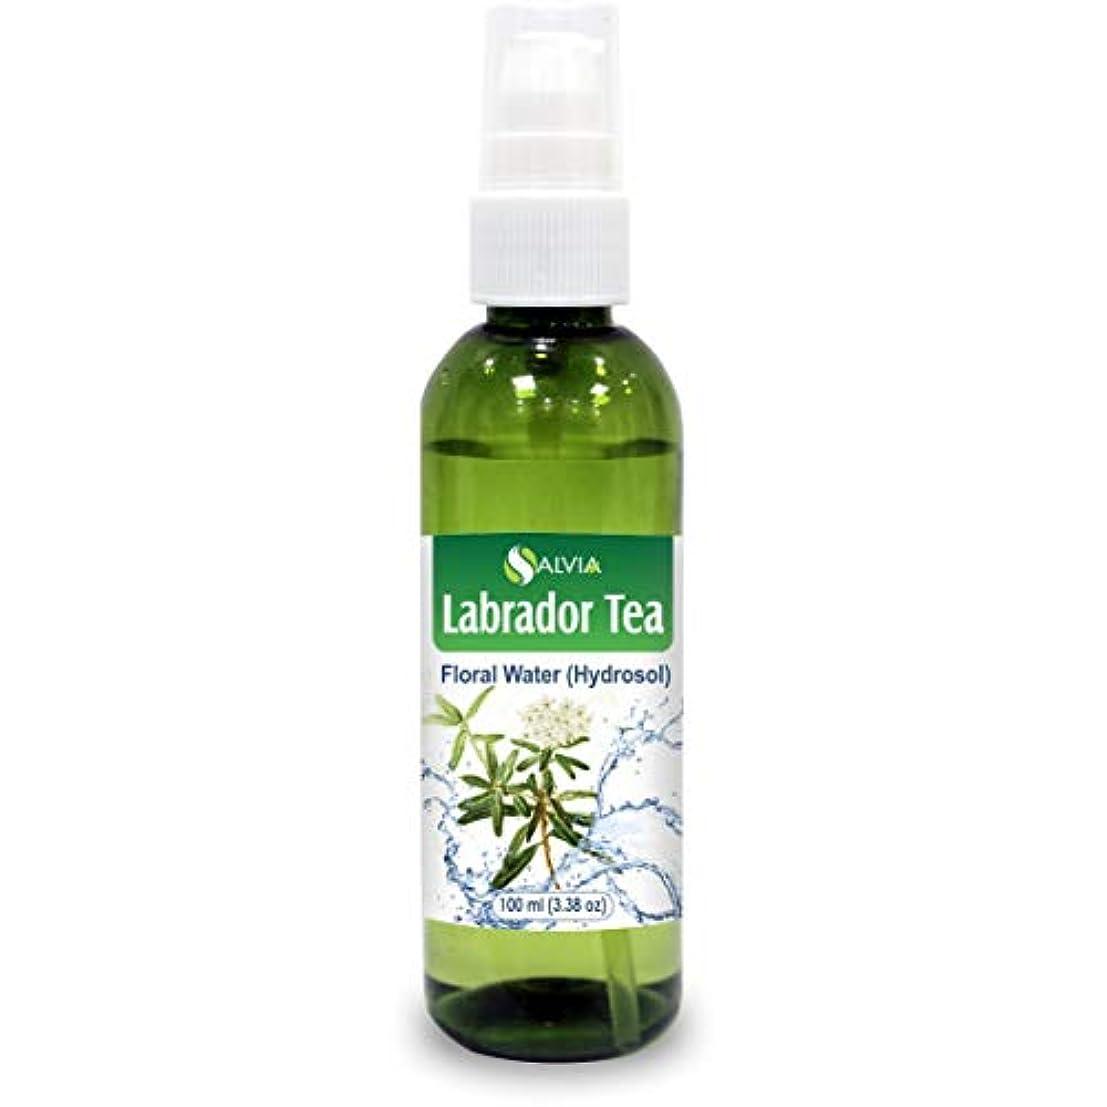 ラフトレンド伝説Labrador Tea Floral Water 100ml (Hydrosol) 100% Pure And Natural